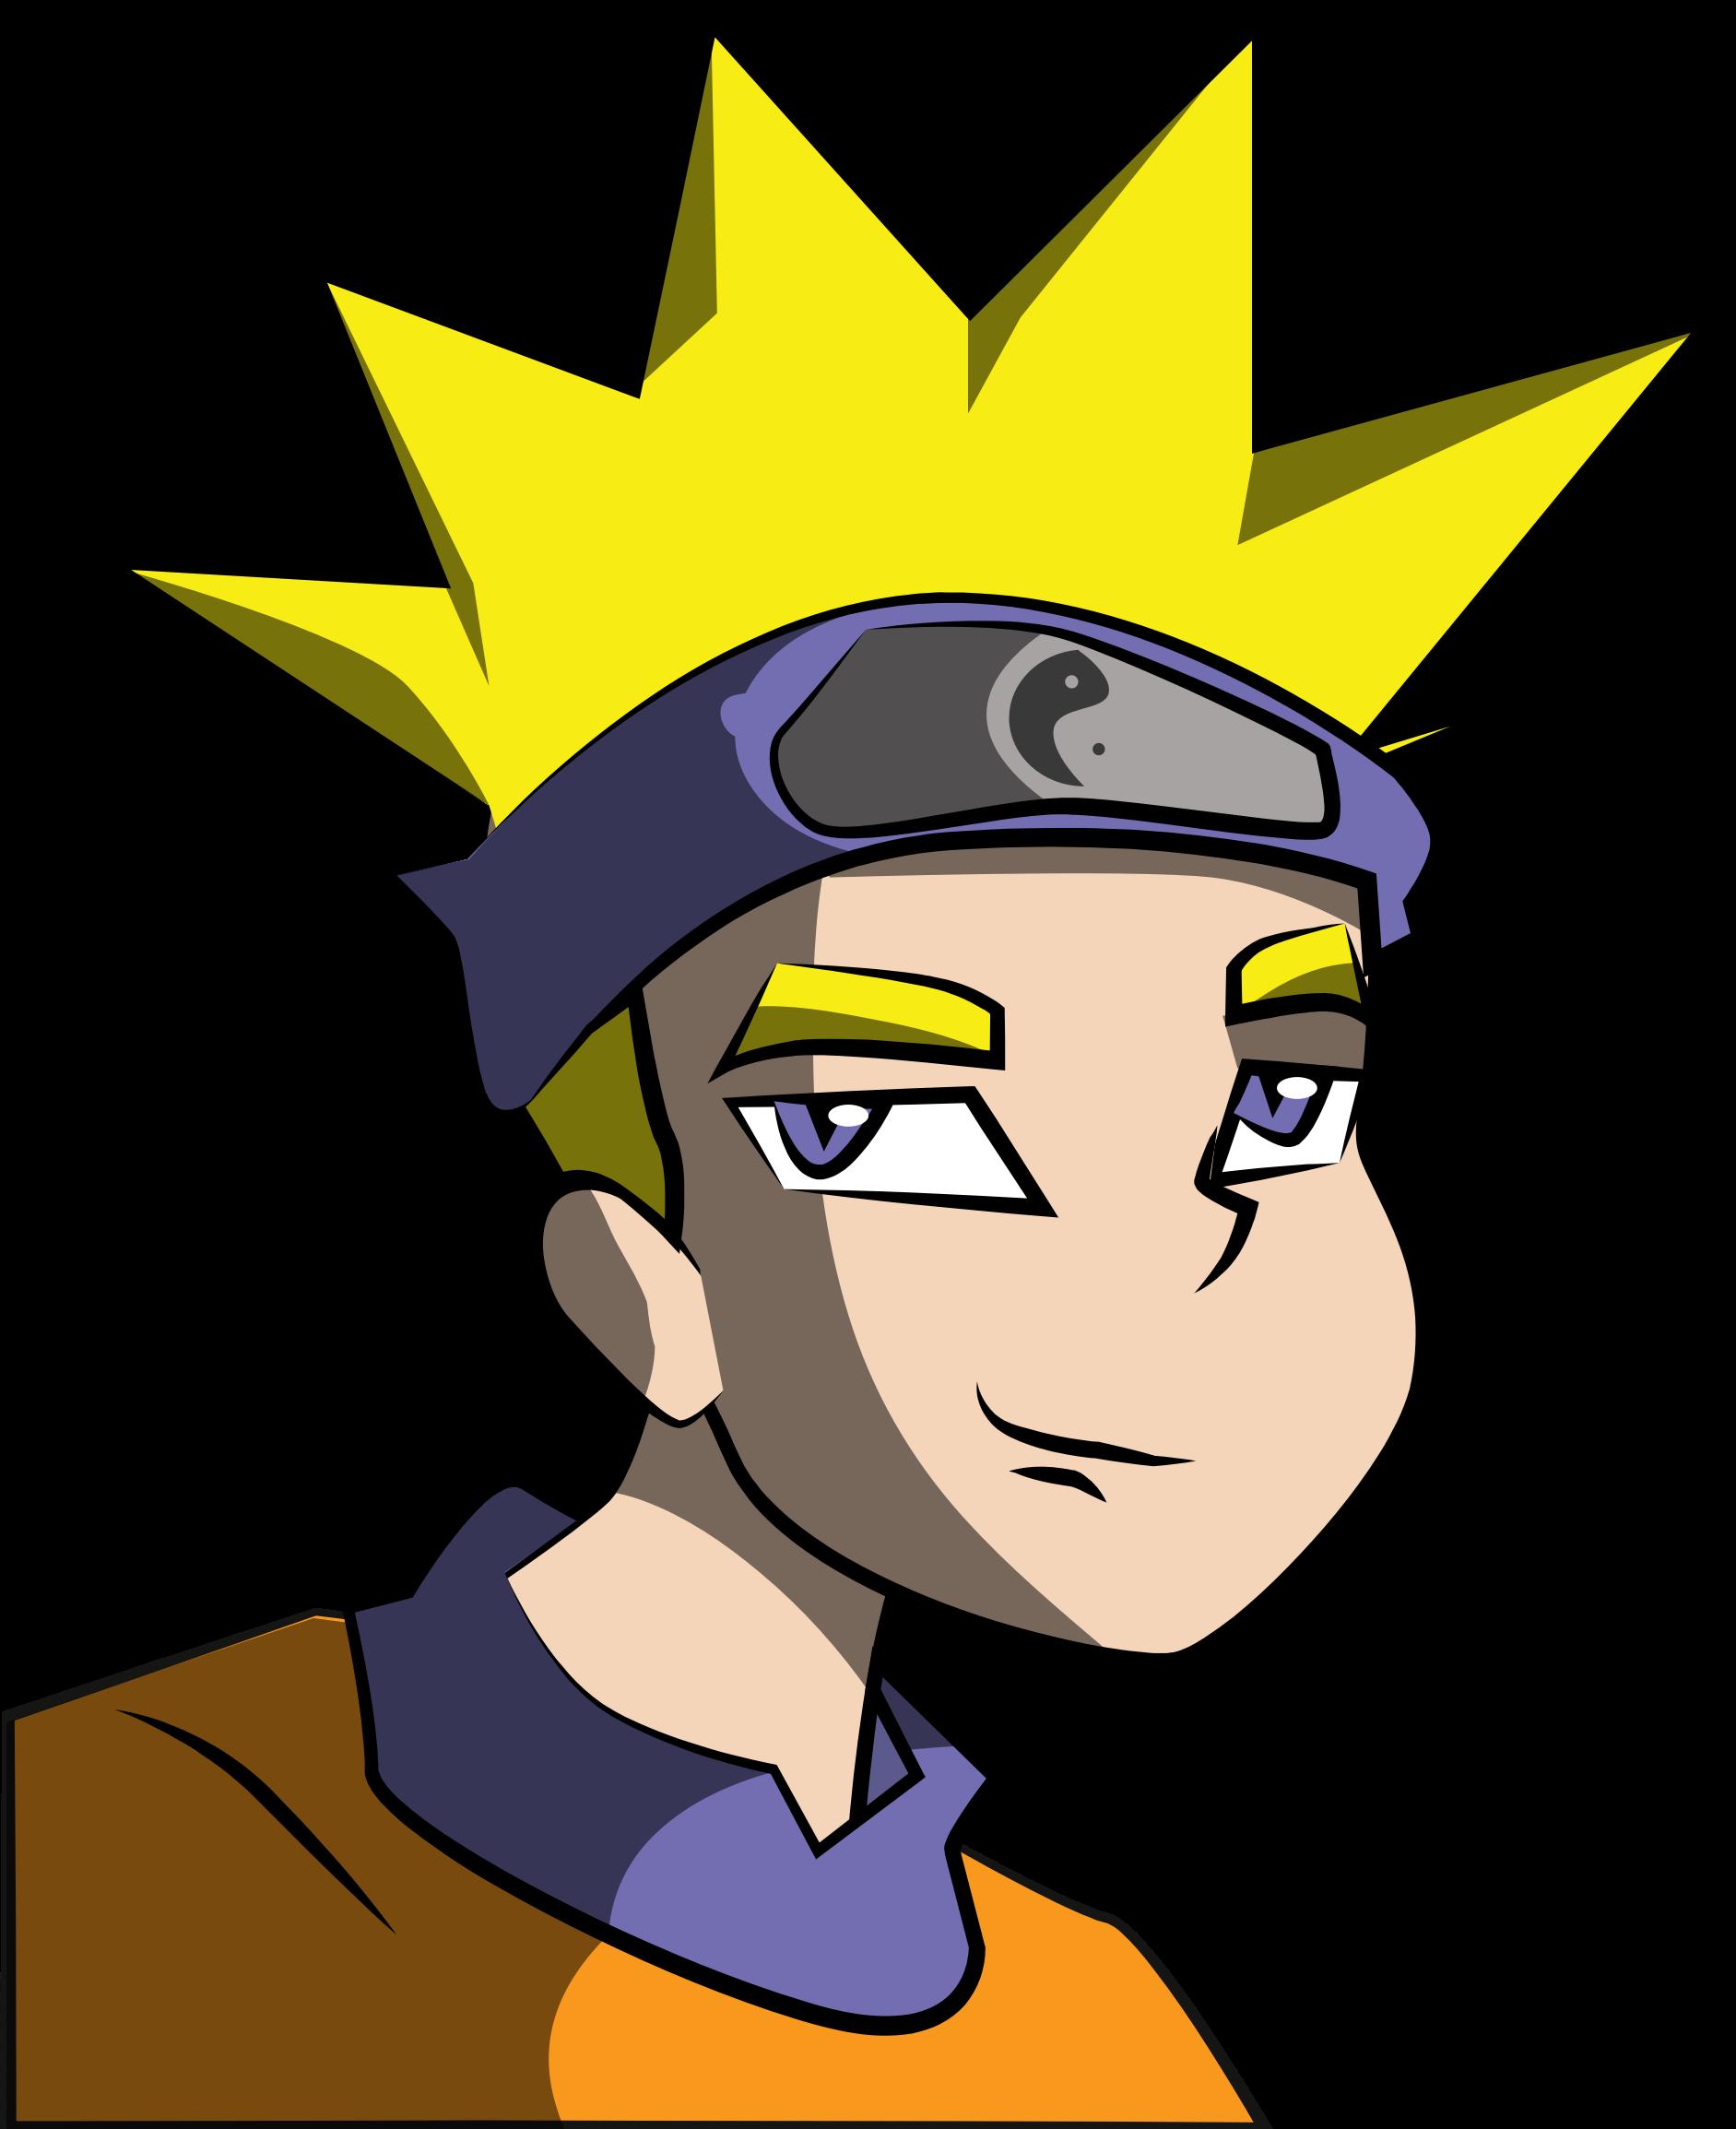 Anime Clipart Boy.